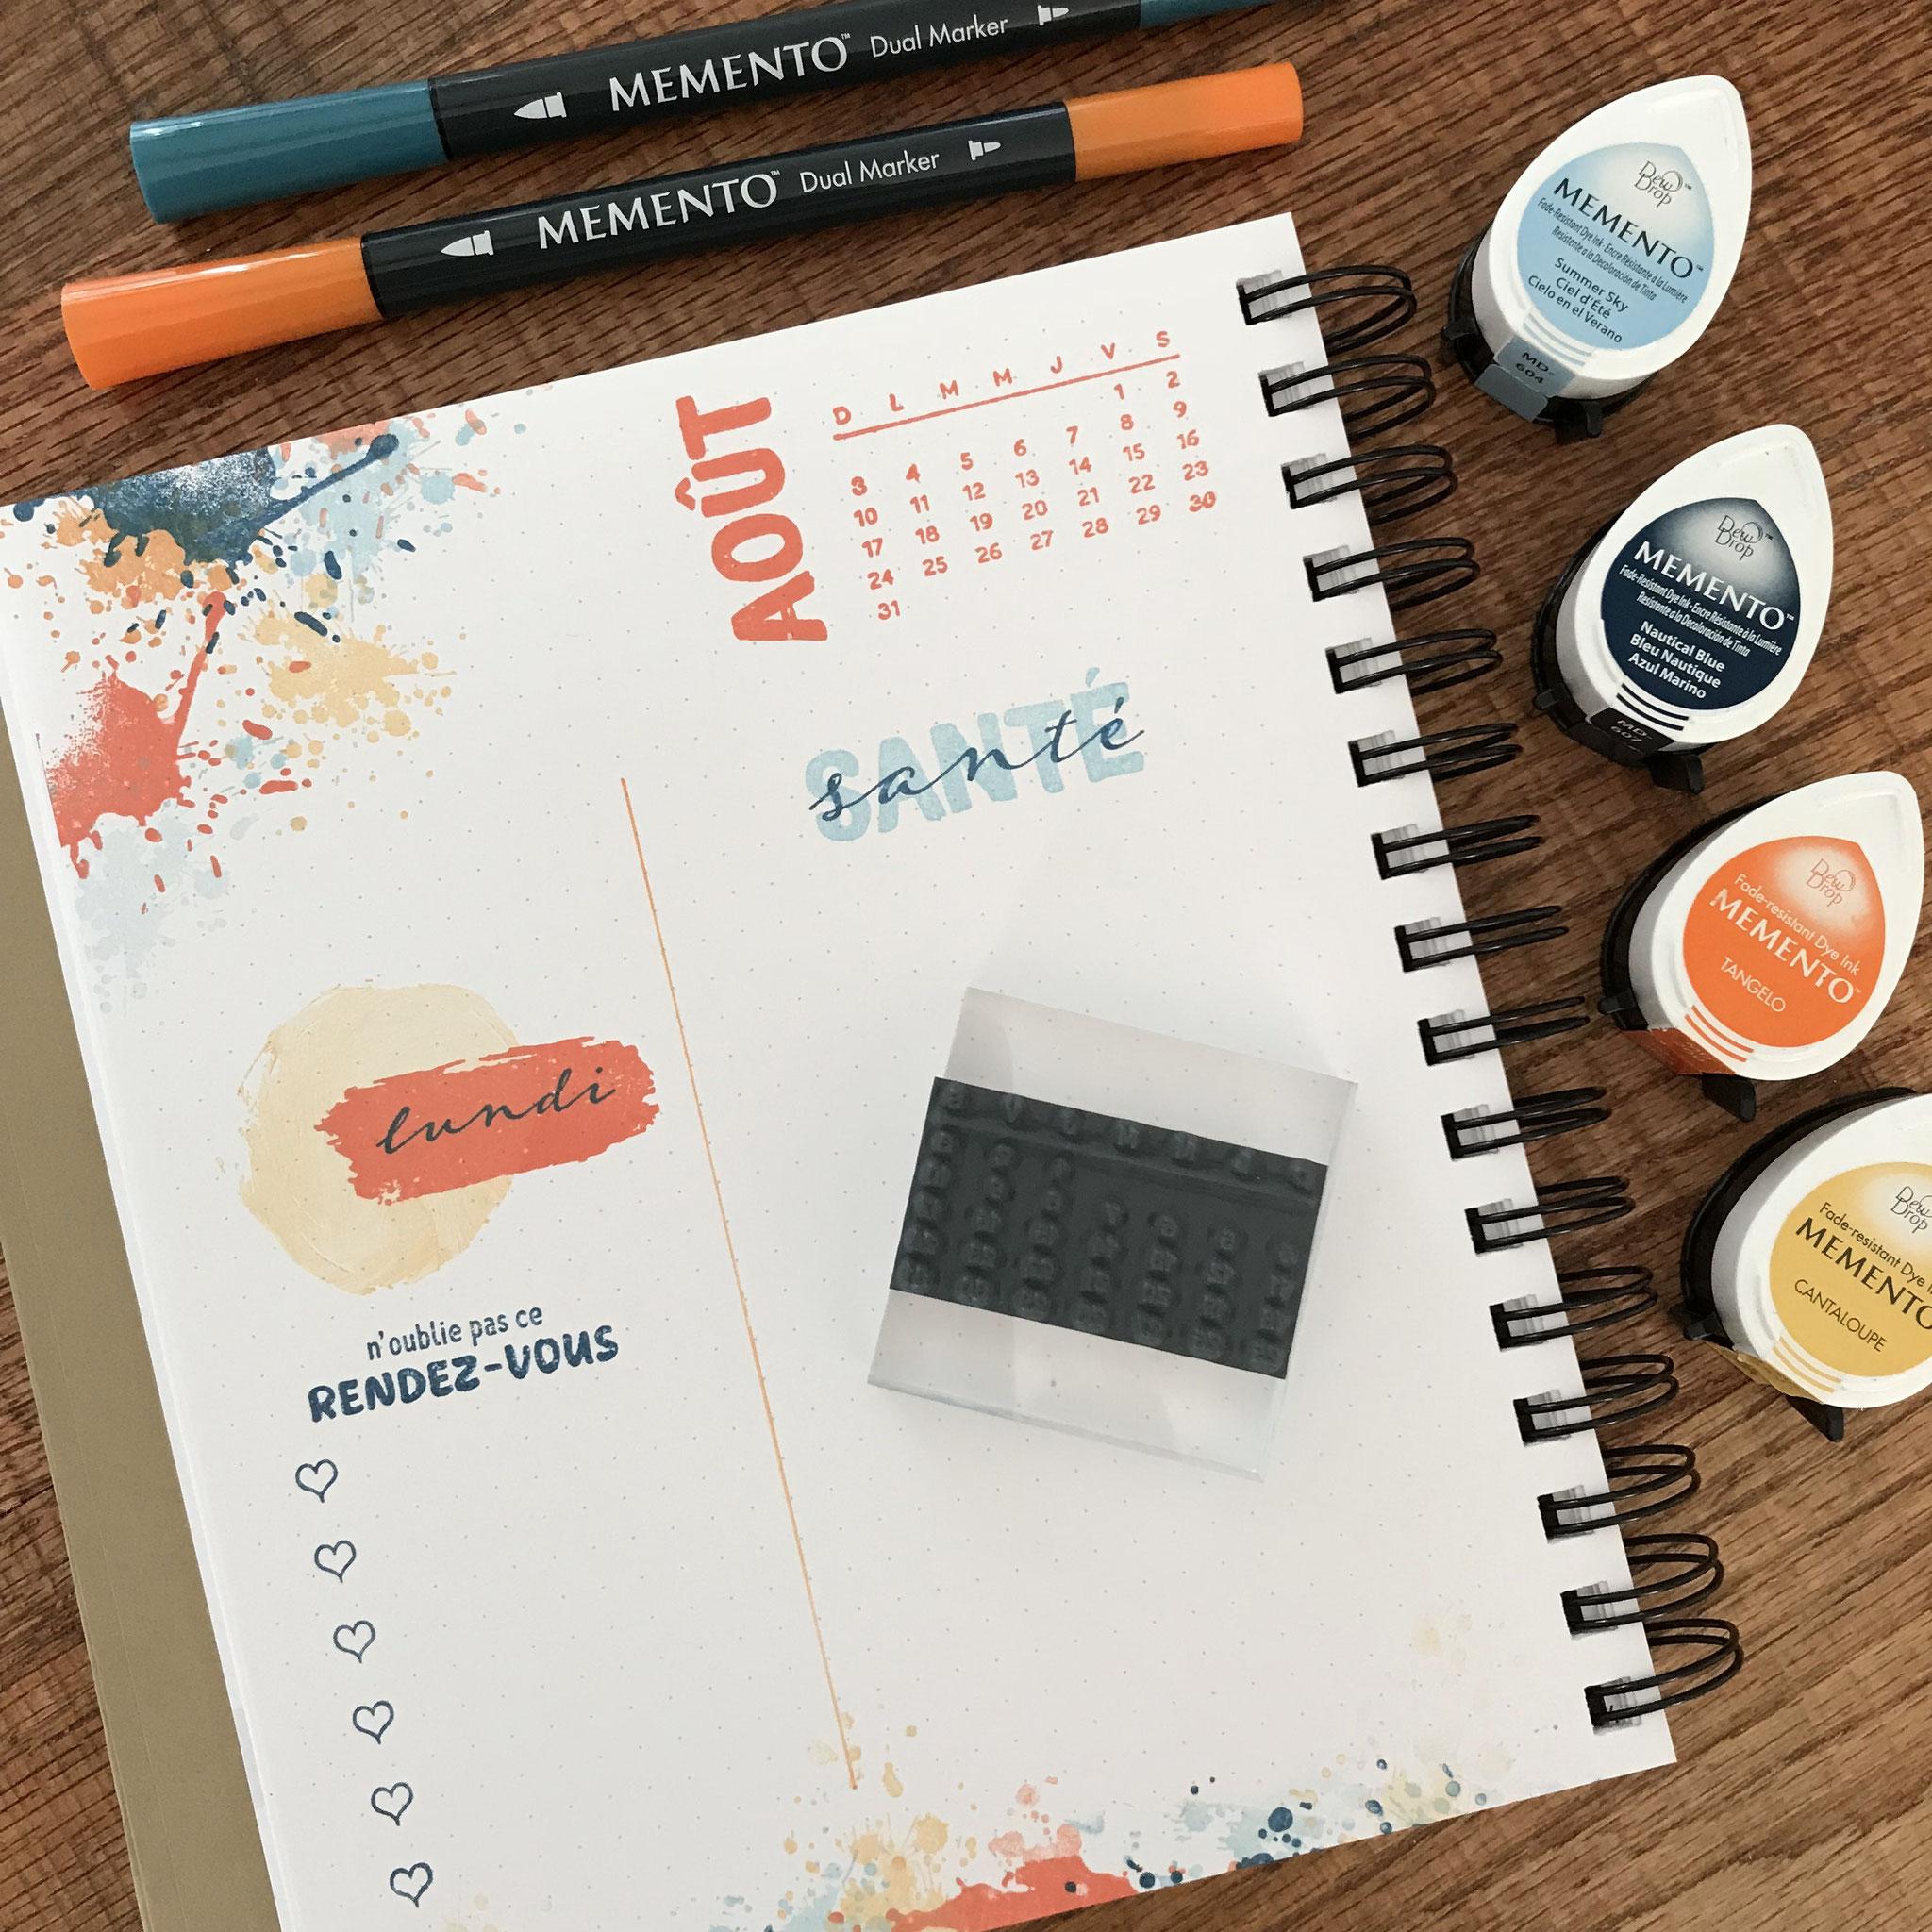 Cahier picoté de style Bullet journal à personnaliser à l'aide d'étampes